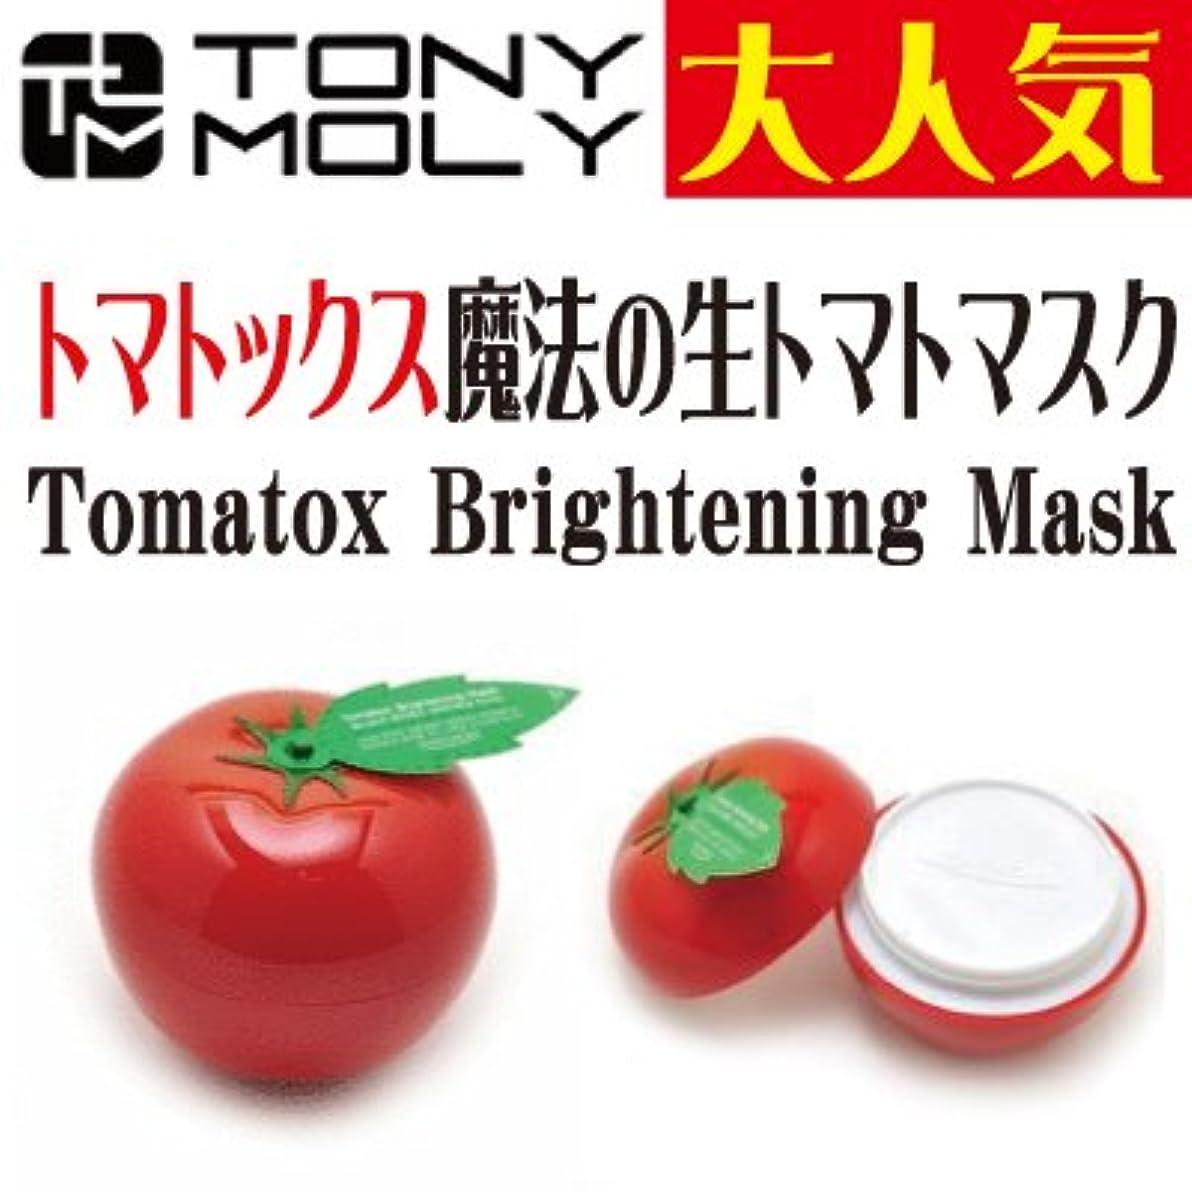 ほうきがんばり続ける巡礼者TONYMOLY(トニーモリー)トマトックス ブライトニング マスク